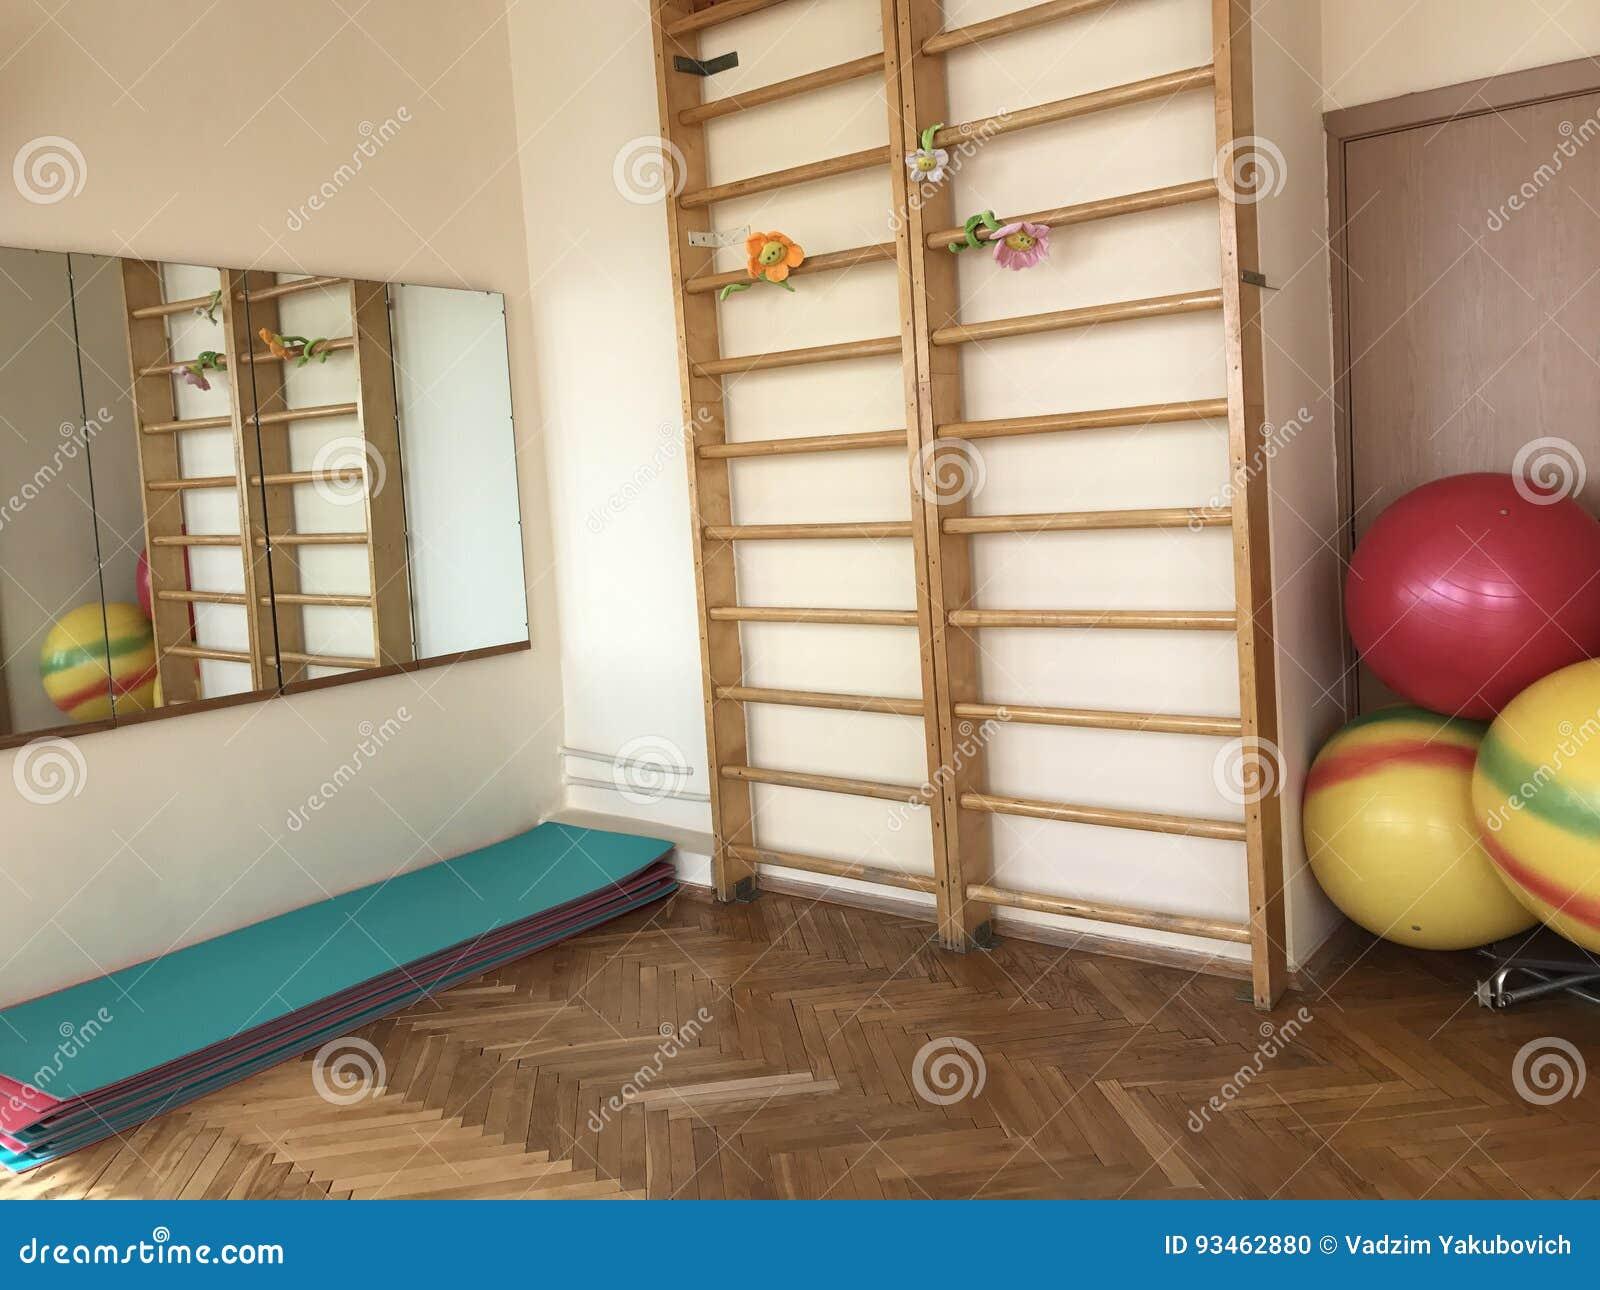 Das Programm Der Medizinischen Rehabilitation Der Raum Von